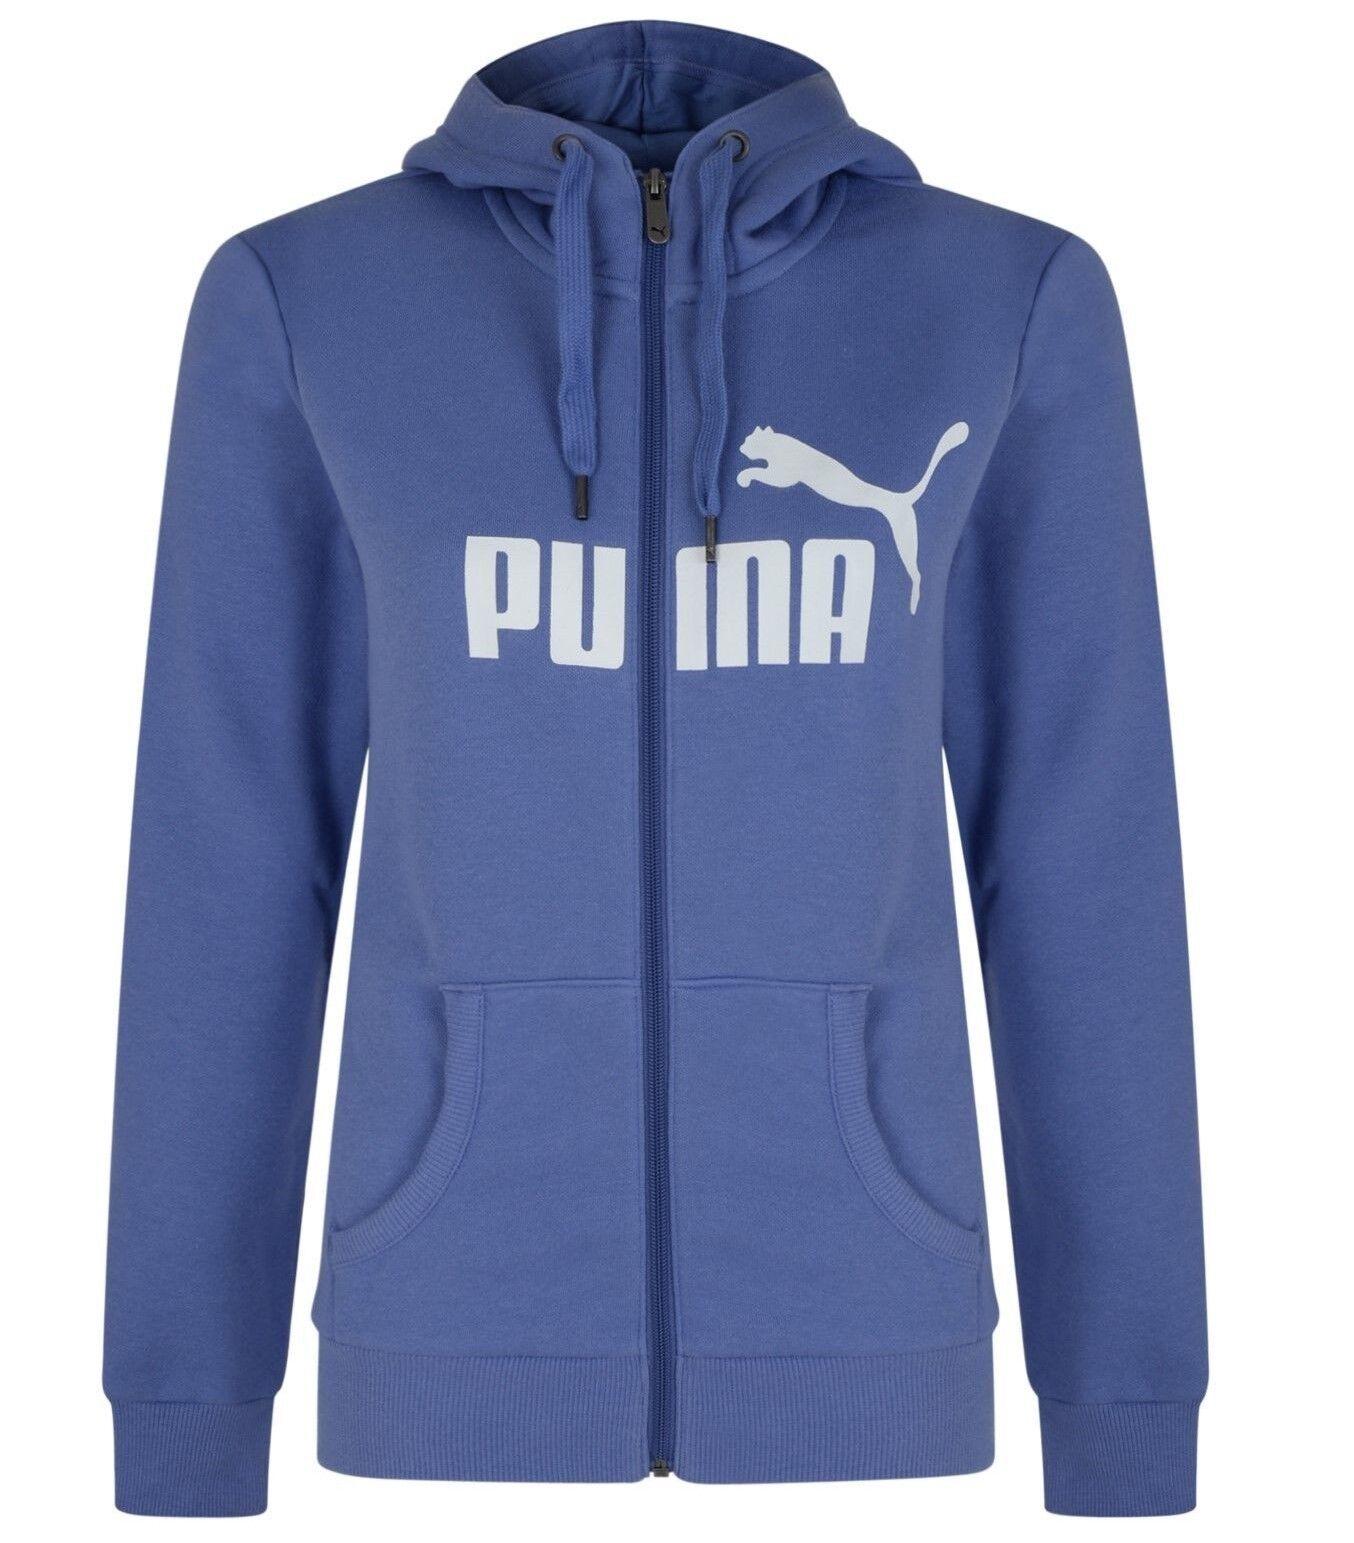 Ladies Women's PUMA Zip Hoody Hooded Sweater Hoodie Jumper ...